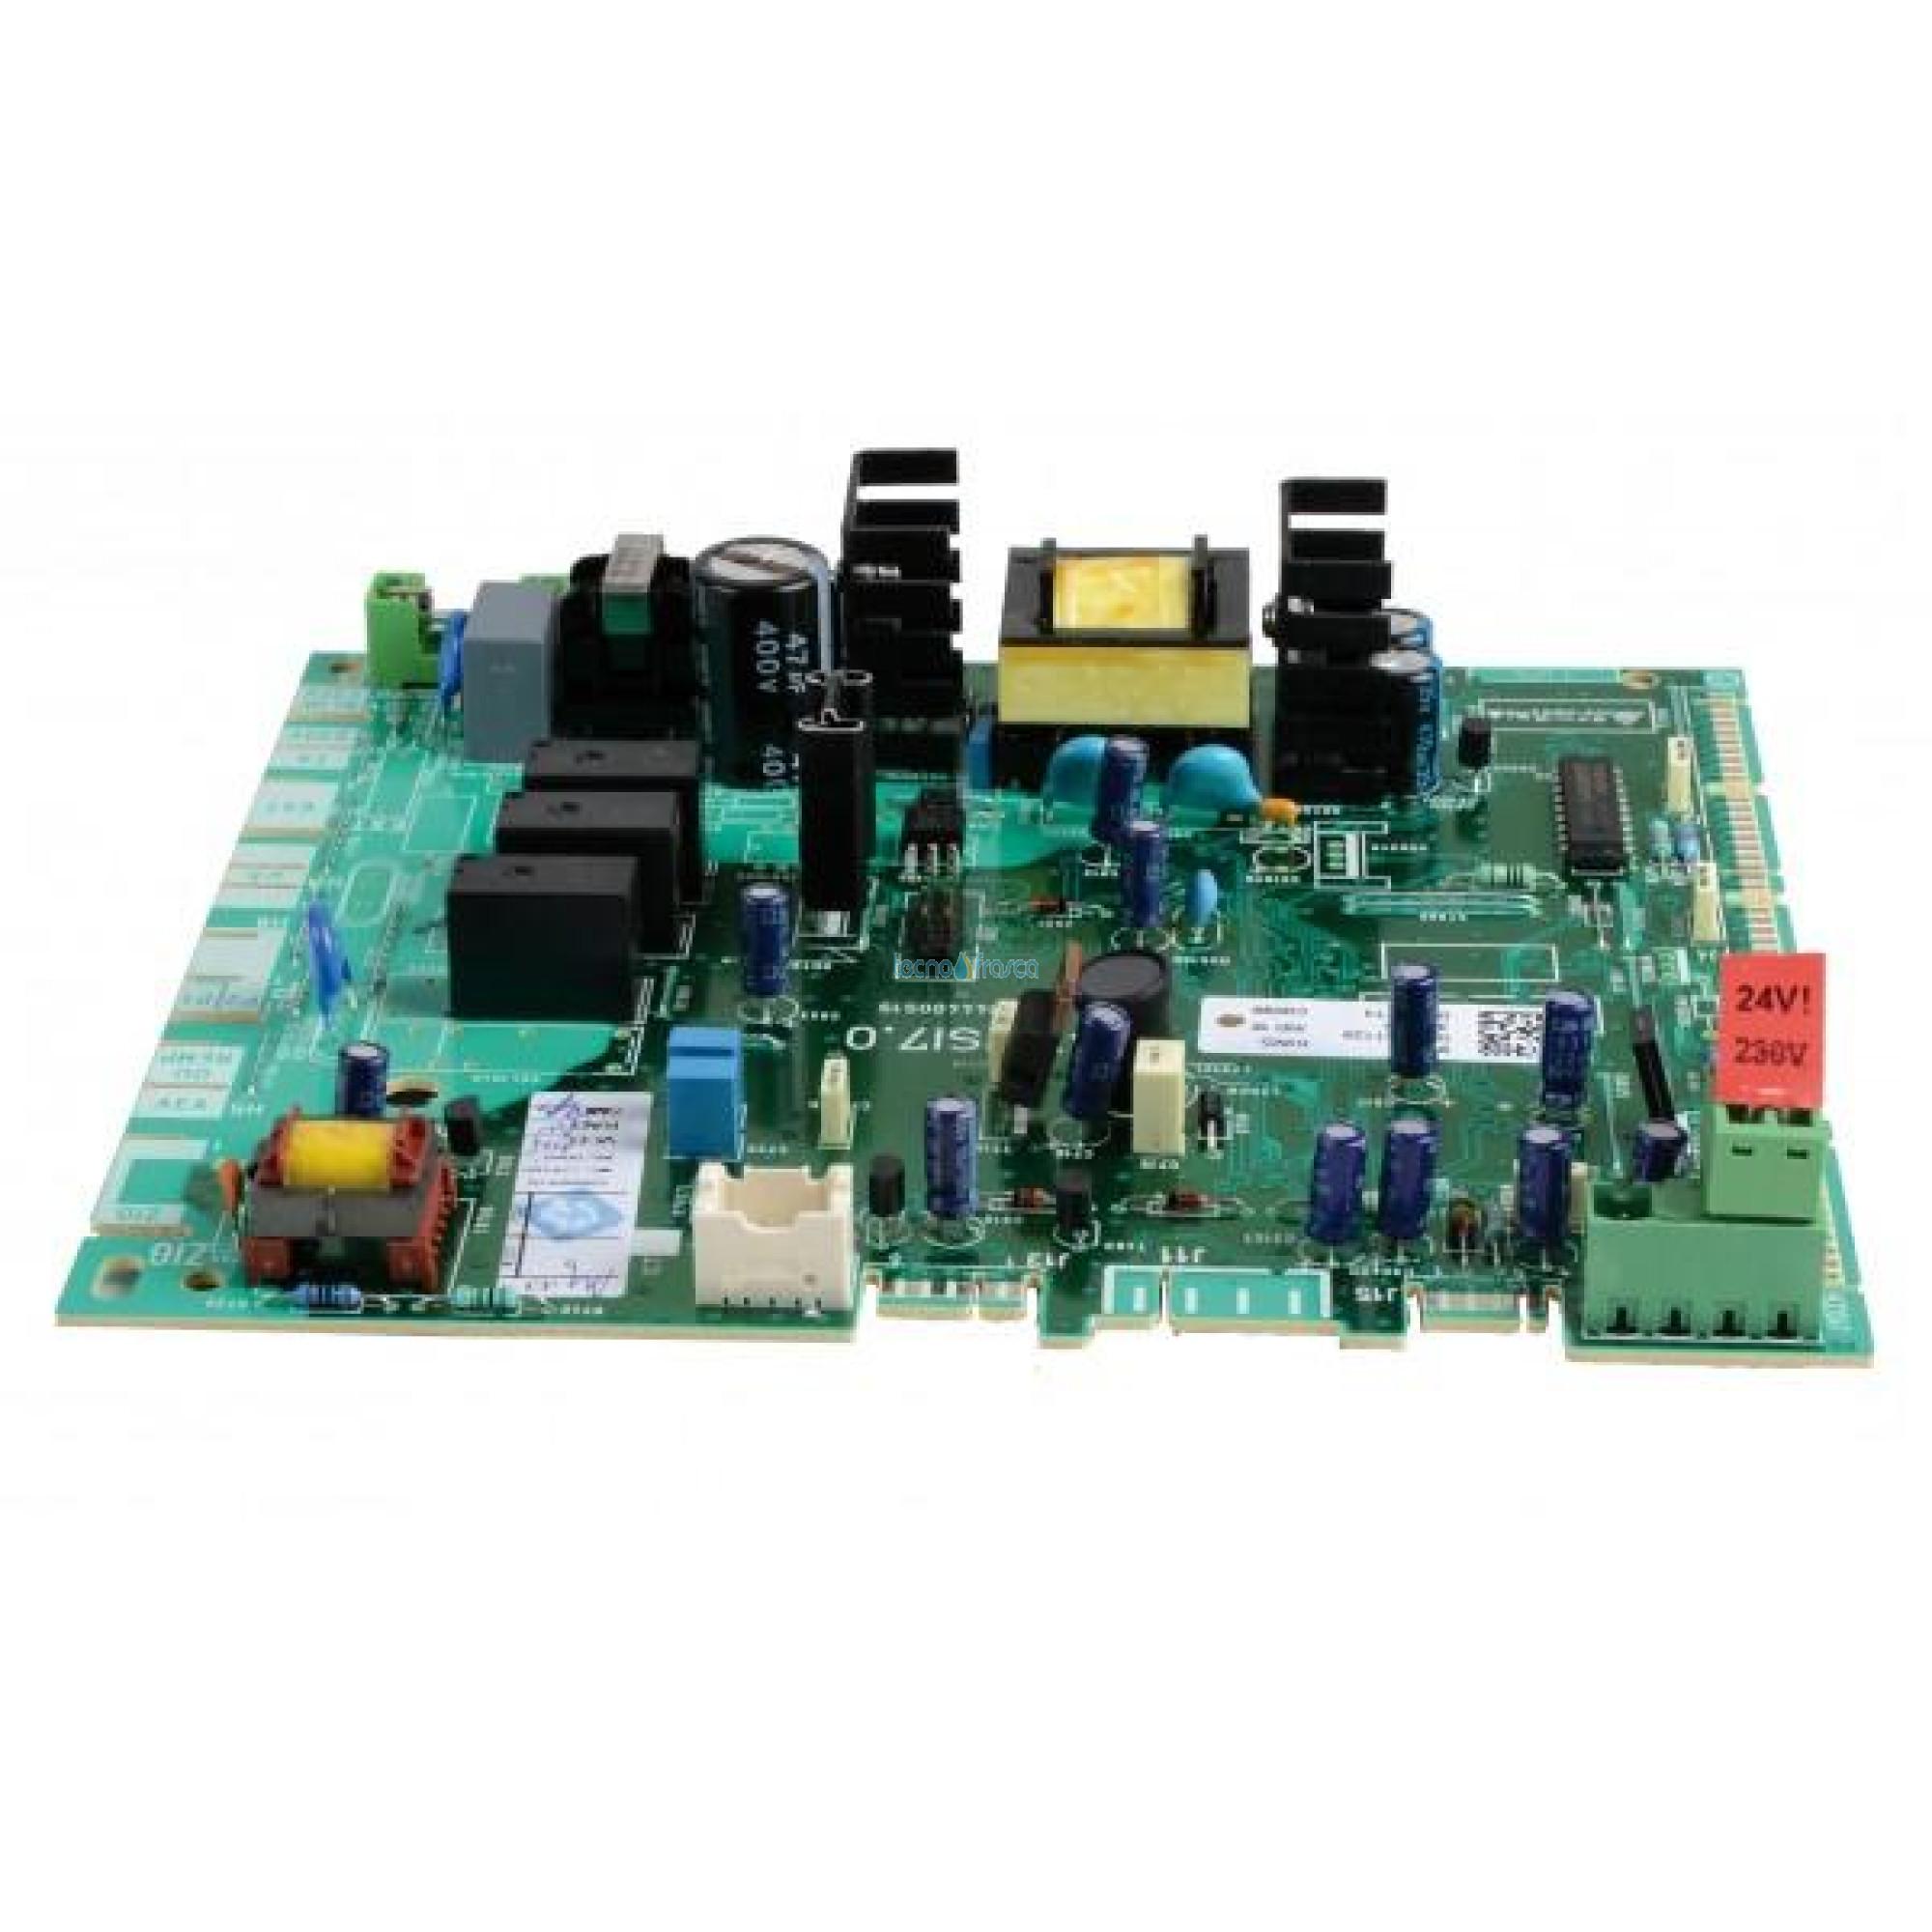 Saunier duval circuito stampato iso s1040000